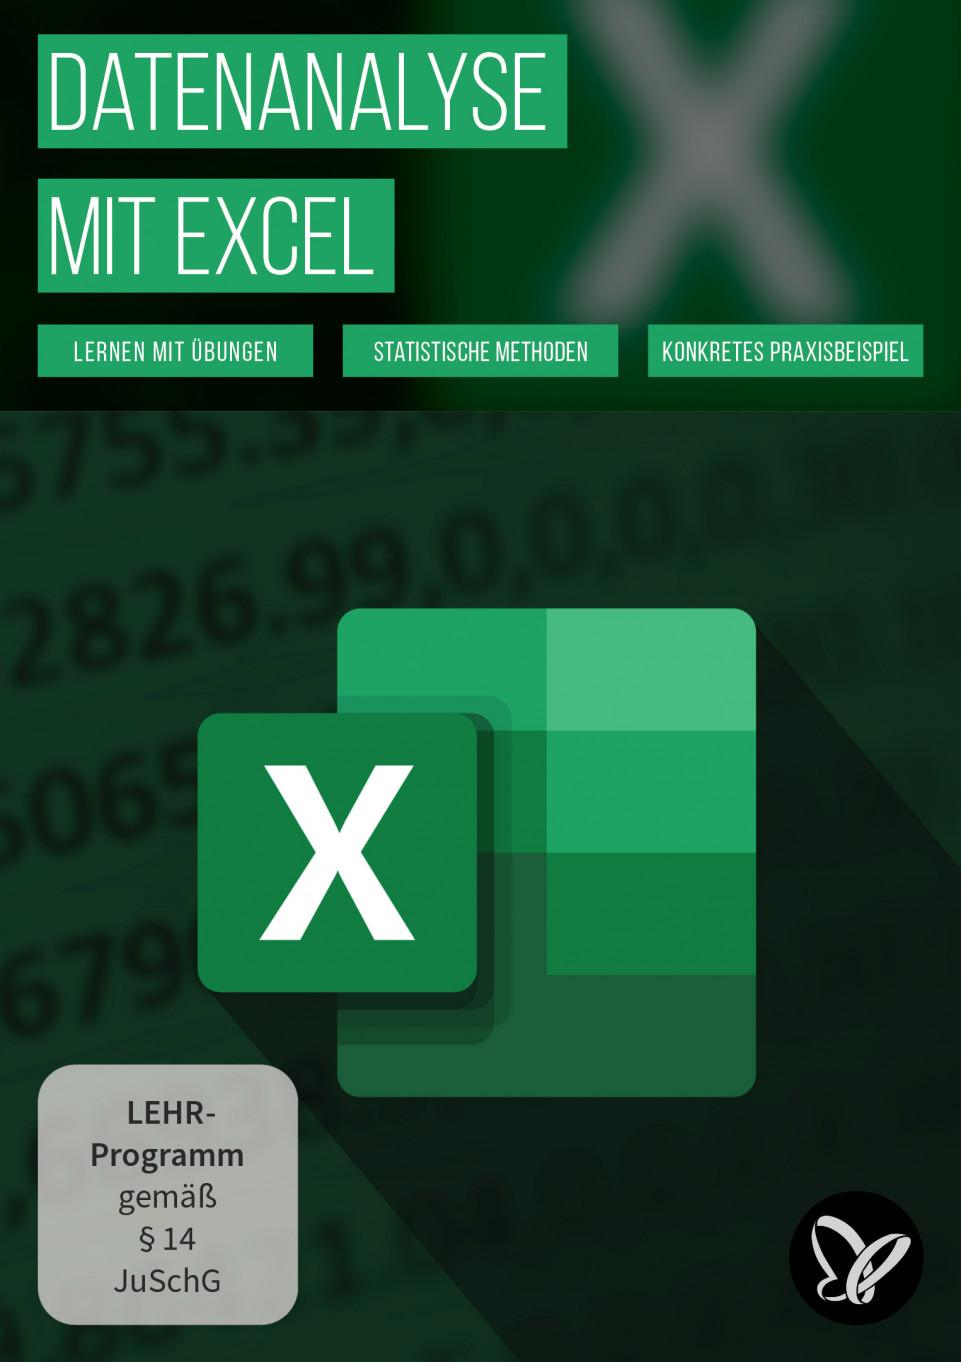 Datenanalyse mit Excel für Business und Vertrieb (Videokurs)